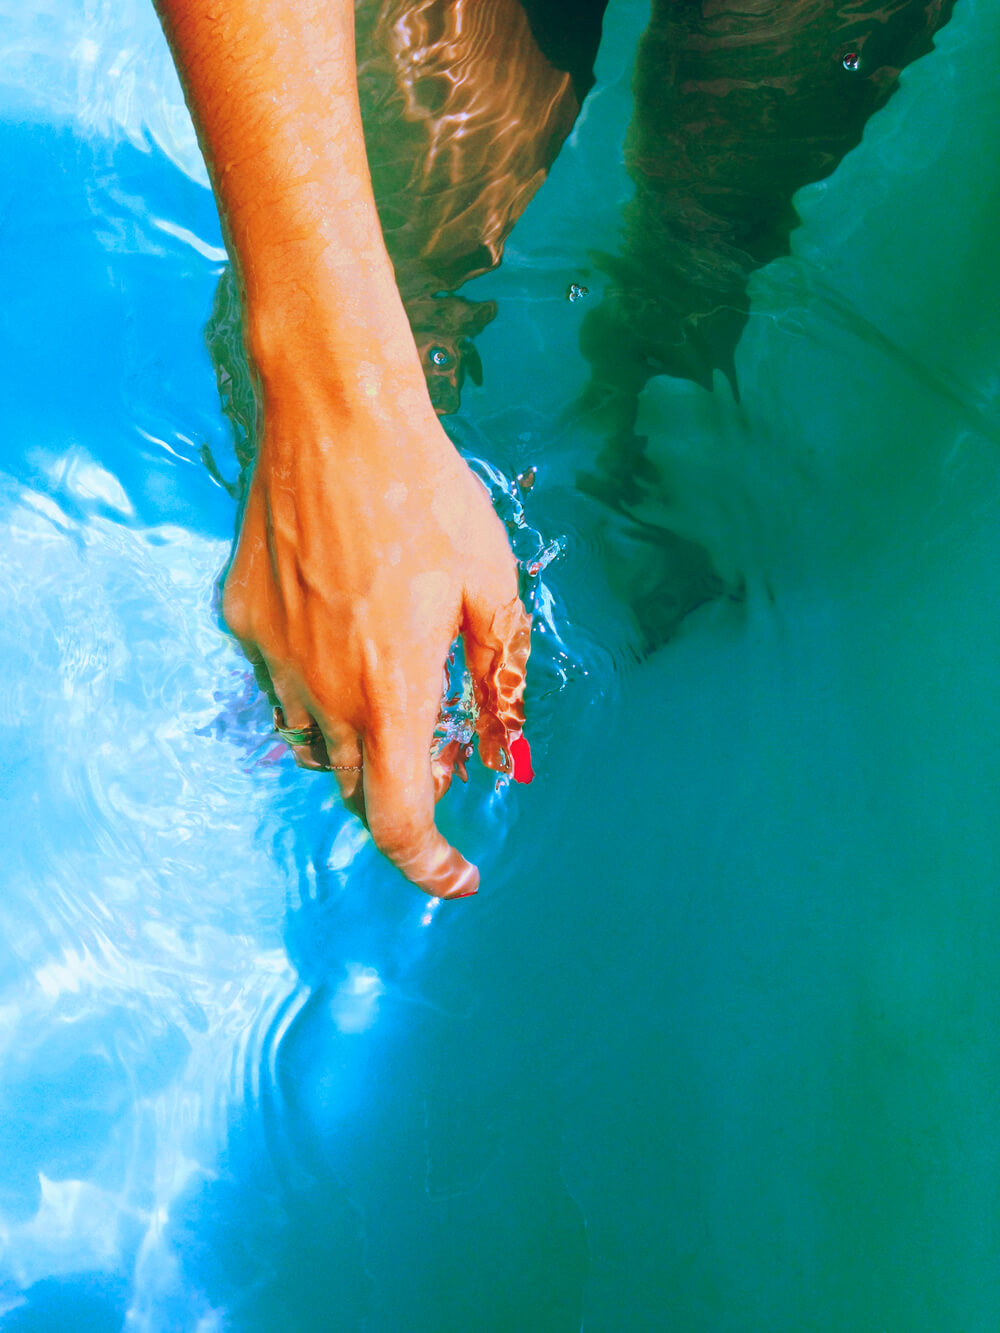 10.5 - Neil Krug - Lana Del Rey.jpg